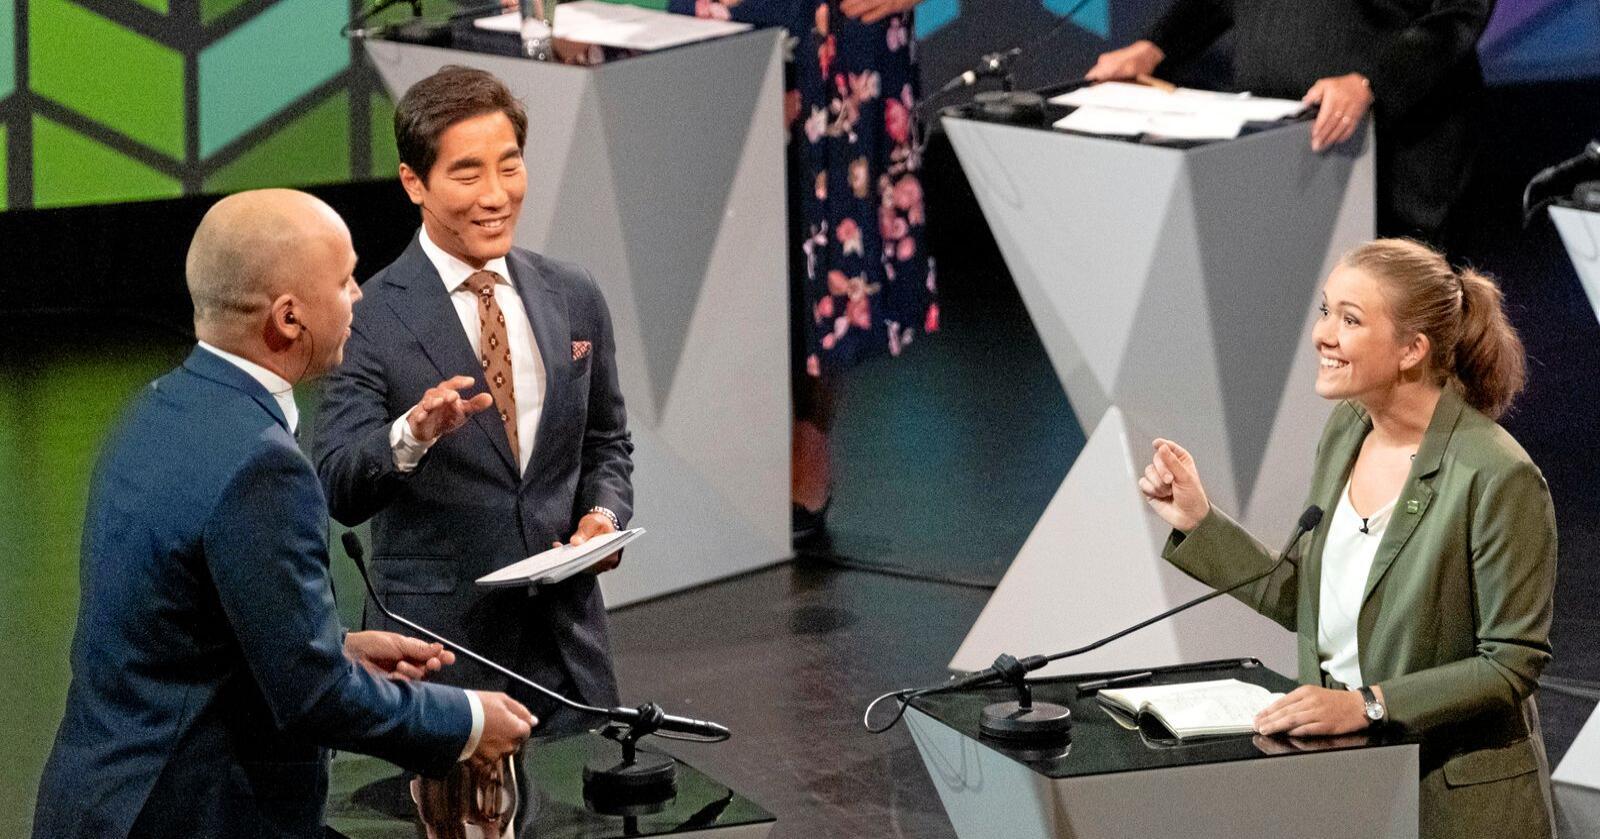 Det bekymrer meg at Sp har meldt seg ut av klimakampen, skriver MDG-leder Une Aina Bastholm. Her i NRK-debatt med Sp-leder Trygve Slagvold Vedum i august. Foto: Tor Erik Schrøder / NTB scanpix